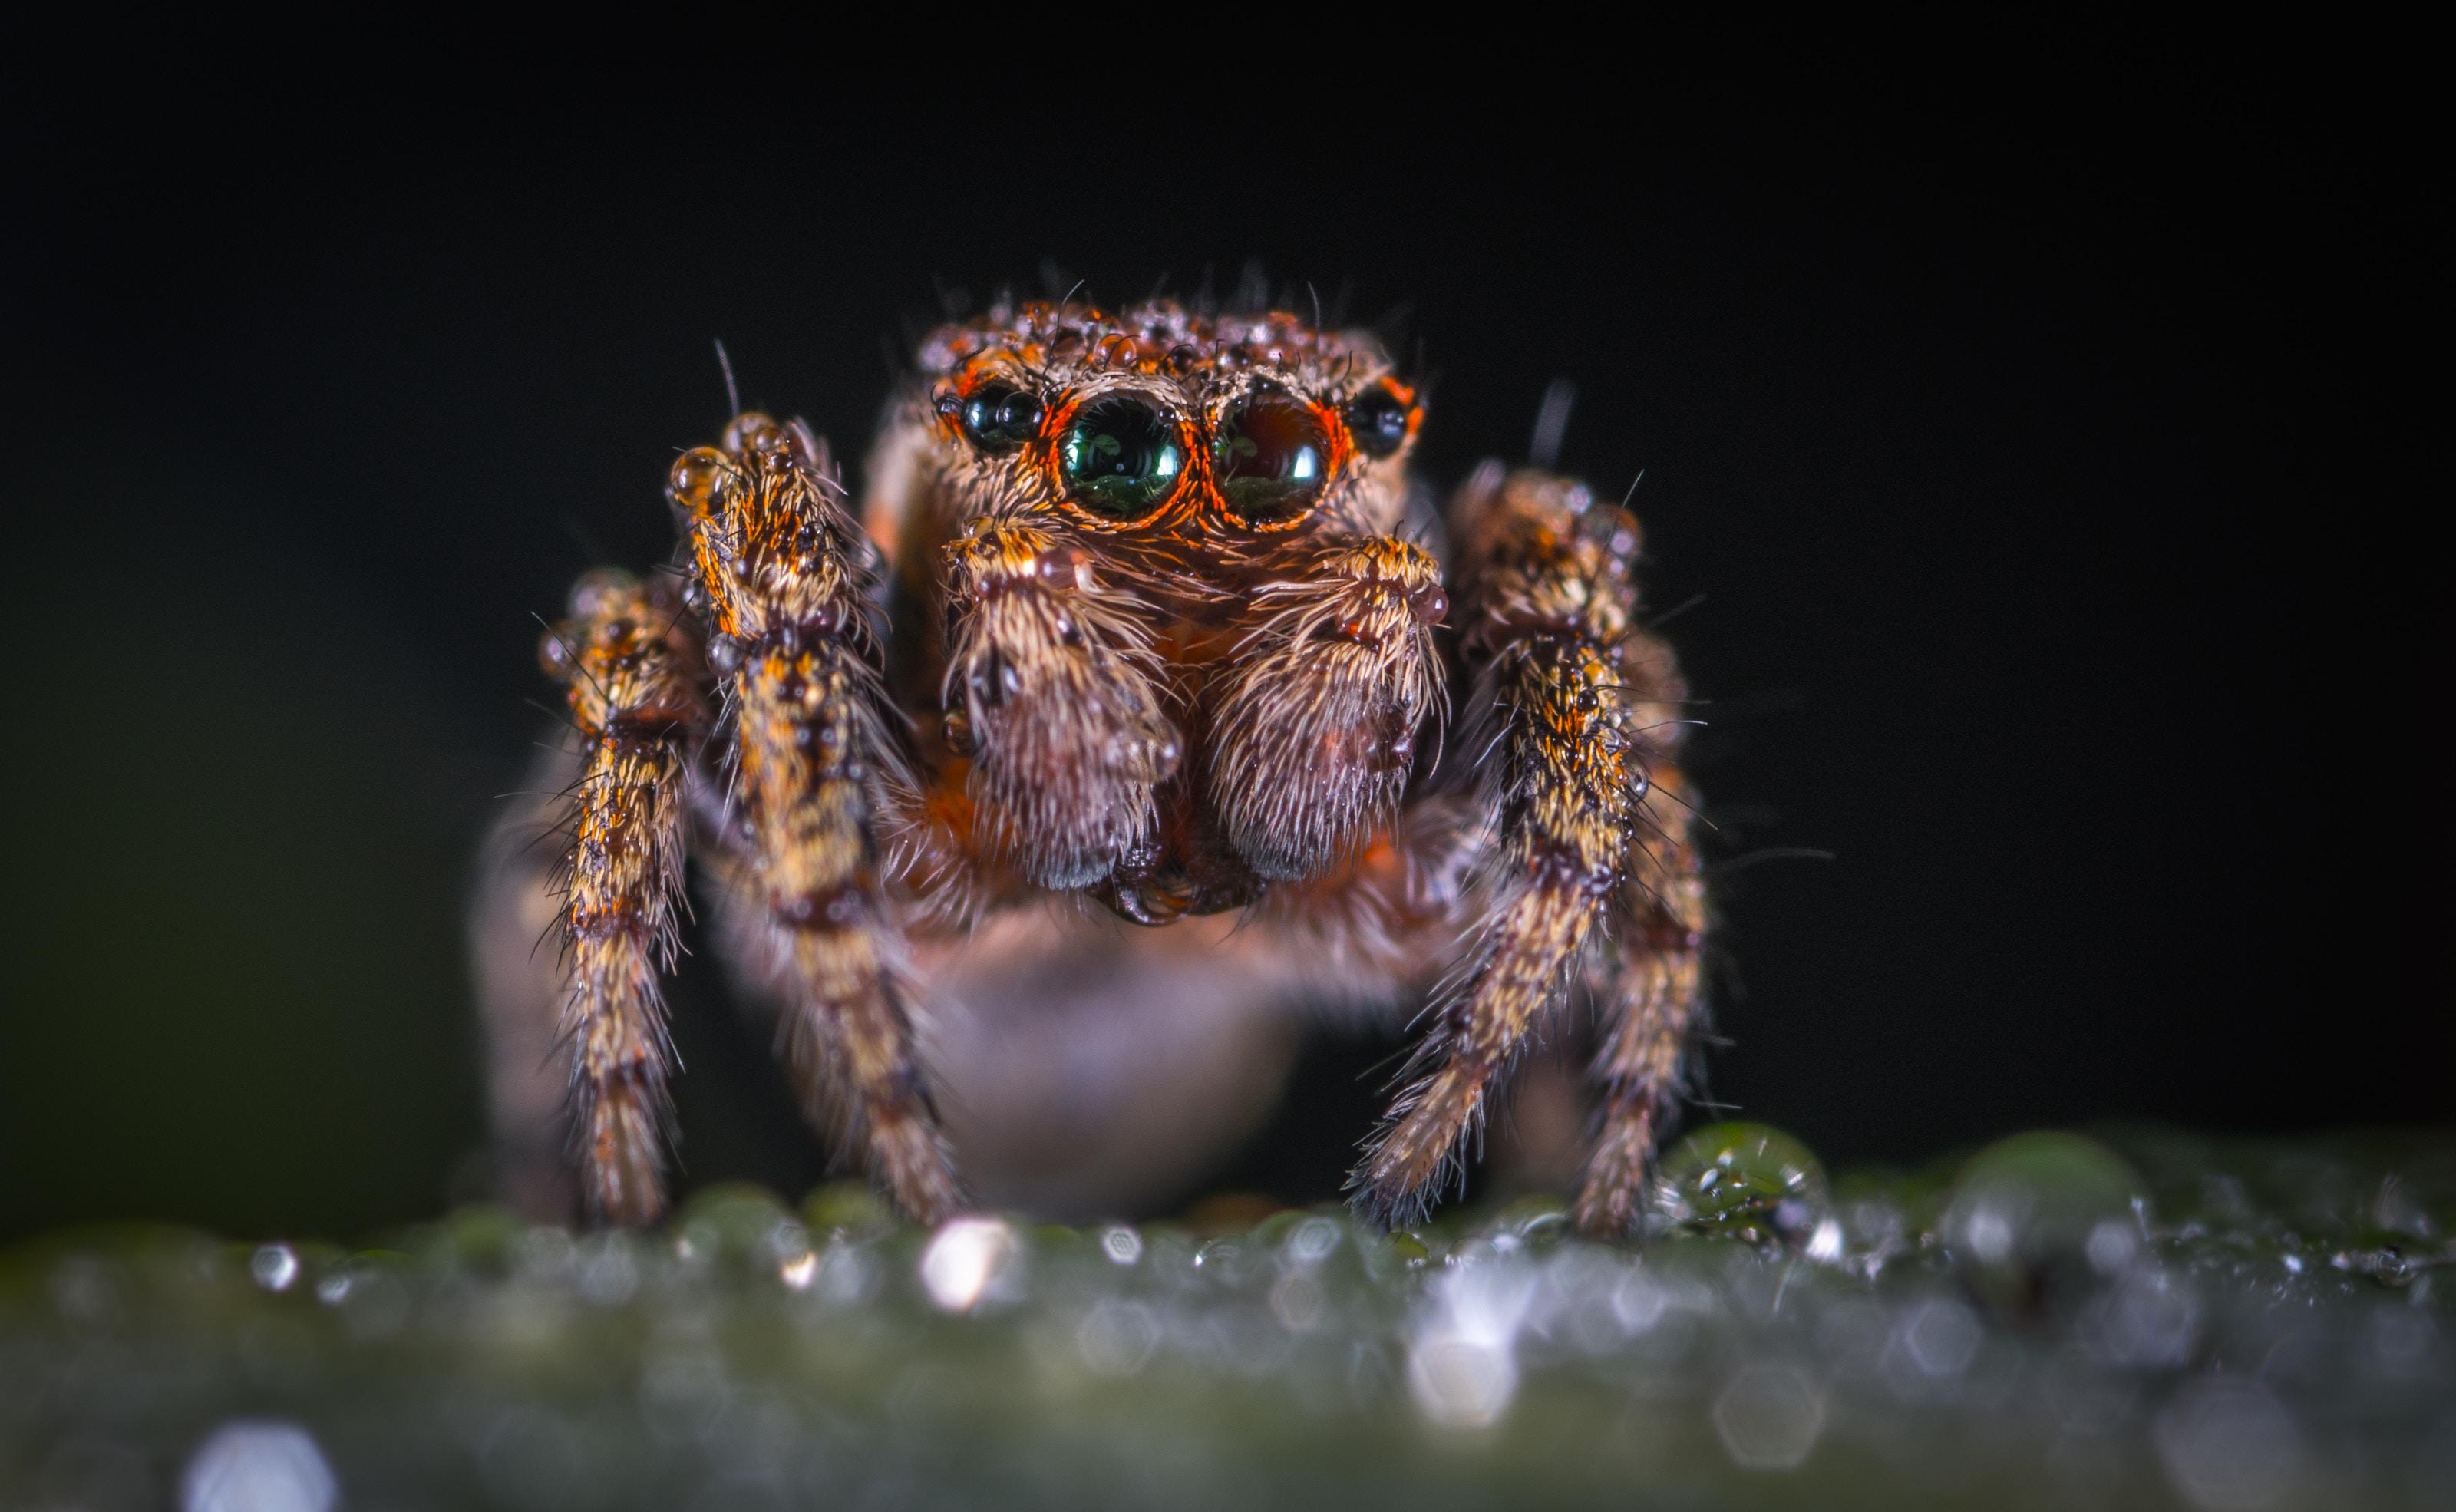 A aranha arranha a jarra, a jarra arranha a aranha: o uso dos venenos de aranhas para tratamento de doenças